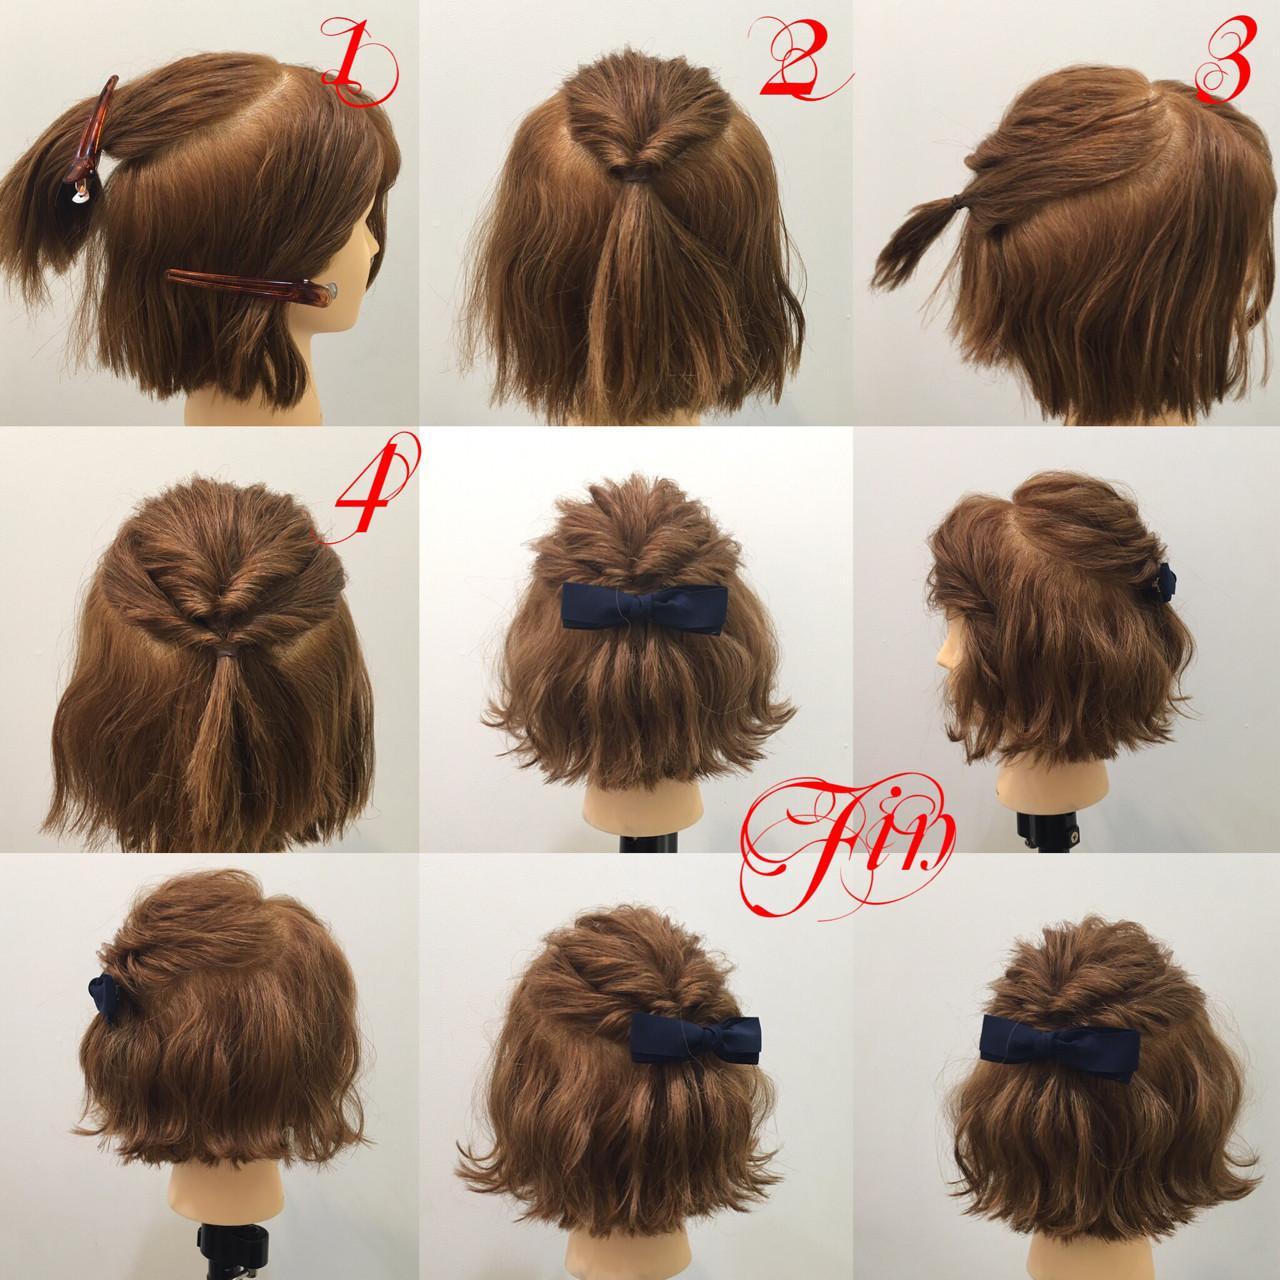 ハーフアップ ボブ 簡単ヘアアレンジ ショートボブ ヘアスタイルや髪型の写真・画像